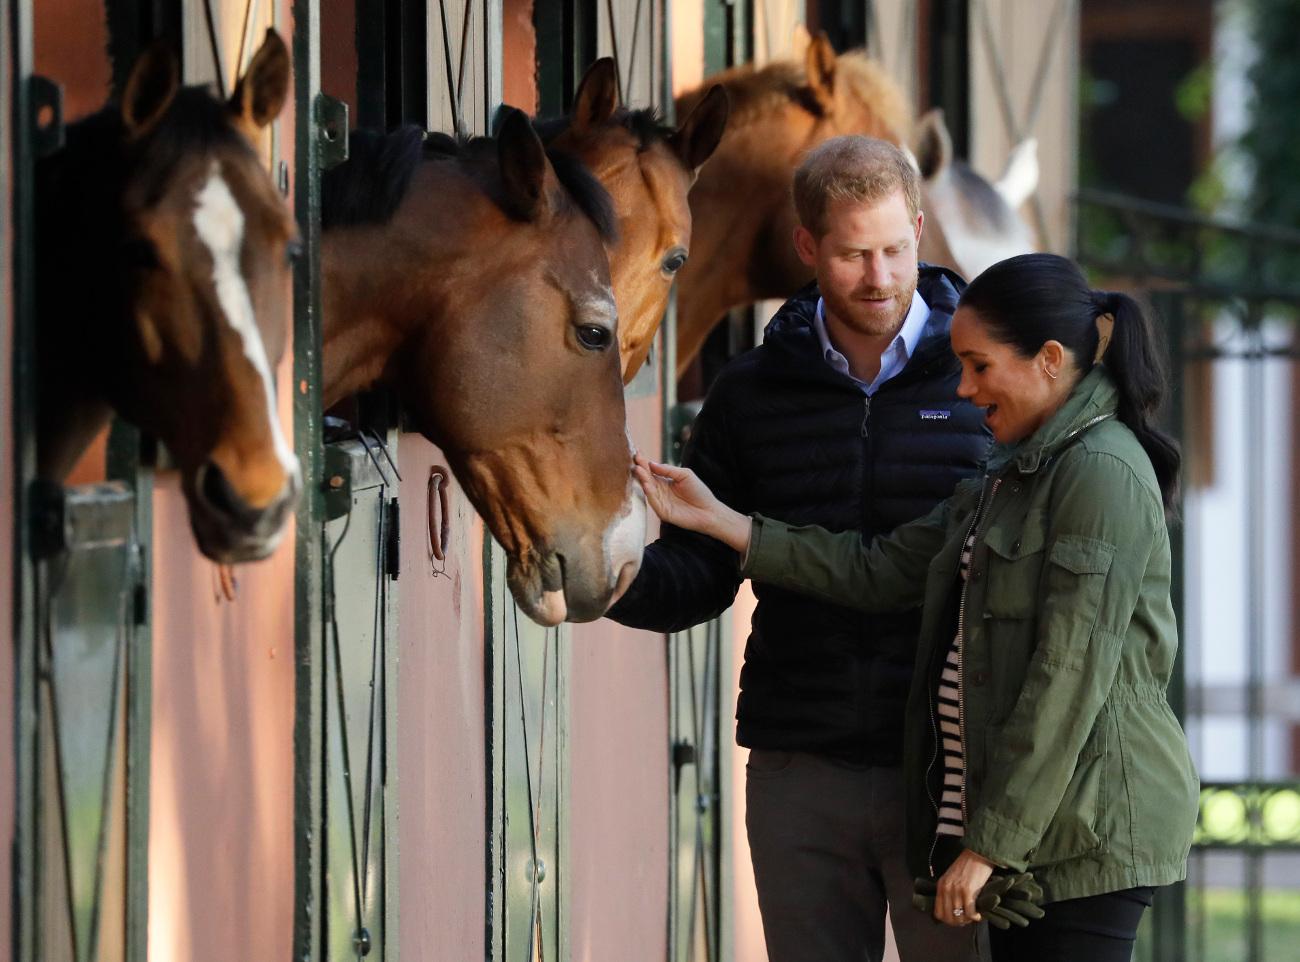 Μέγκαν Μαρκλ και πρίγκιπας Χάρι με άλογα στο Μαρόκο